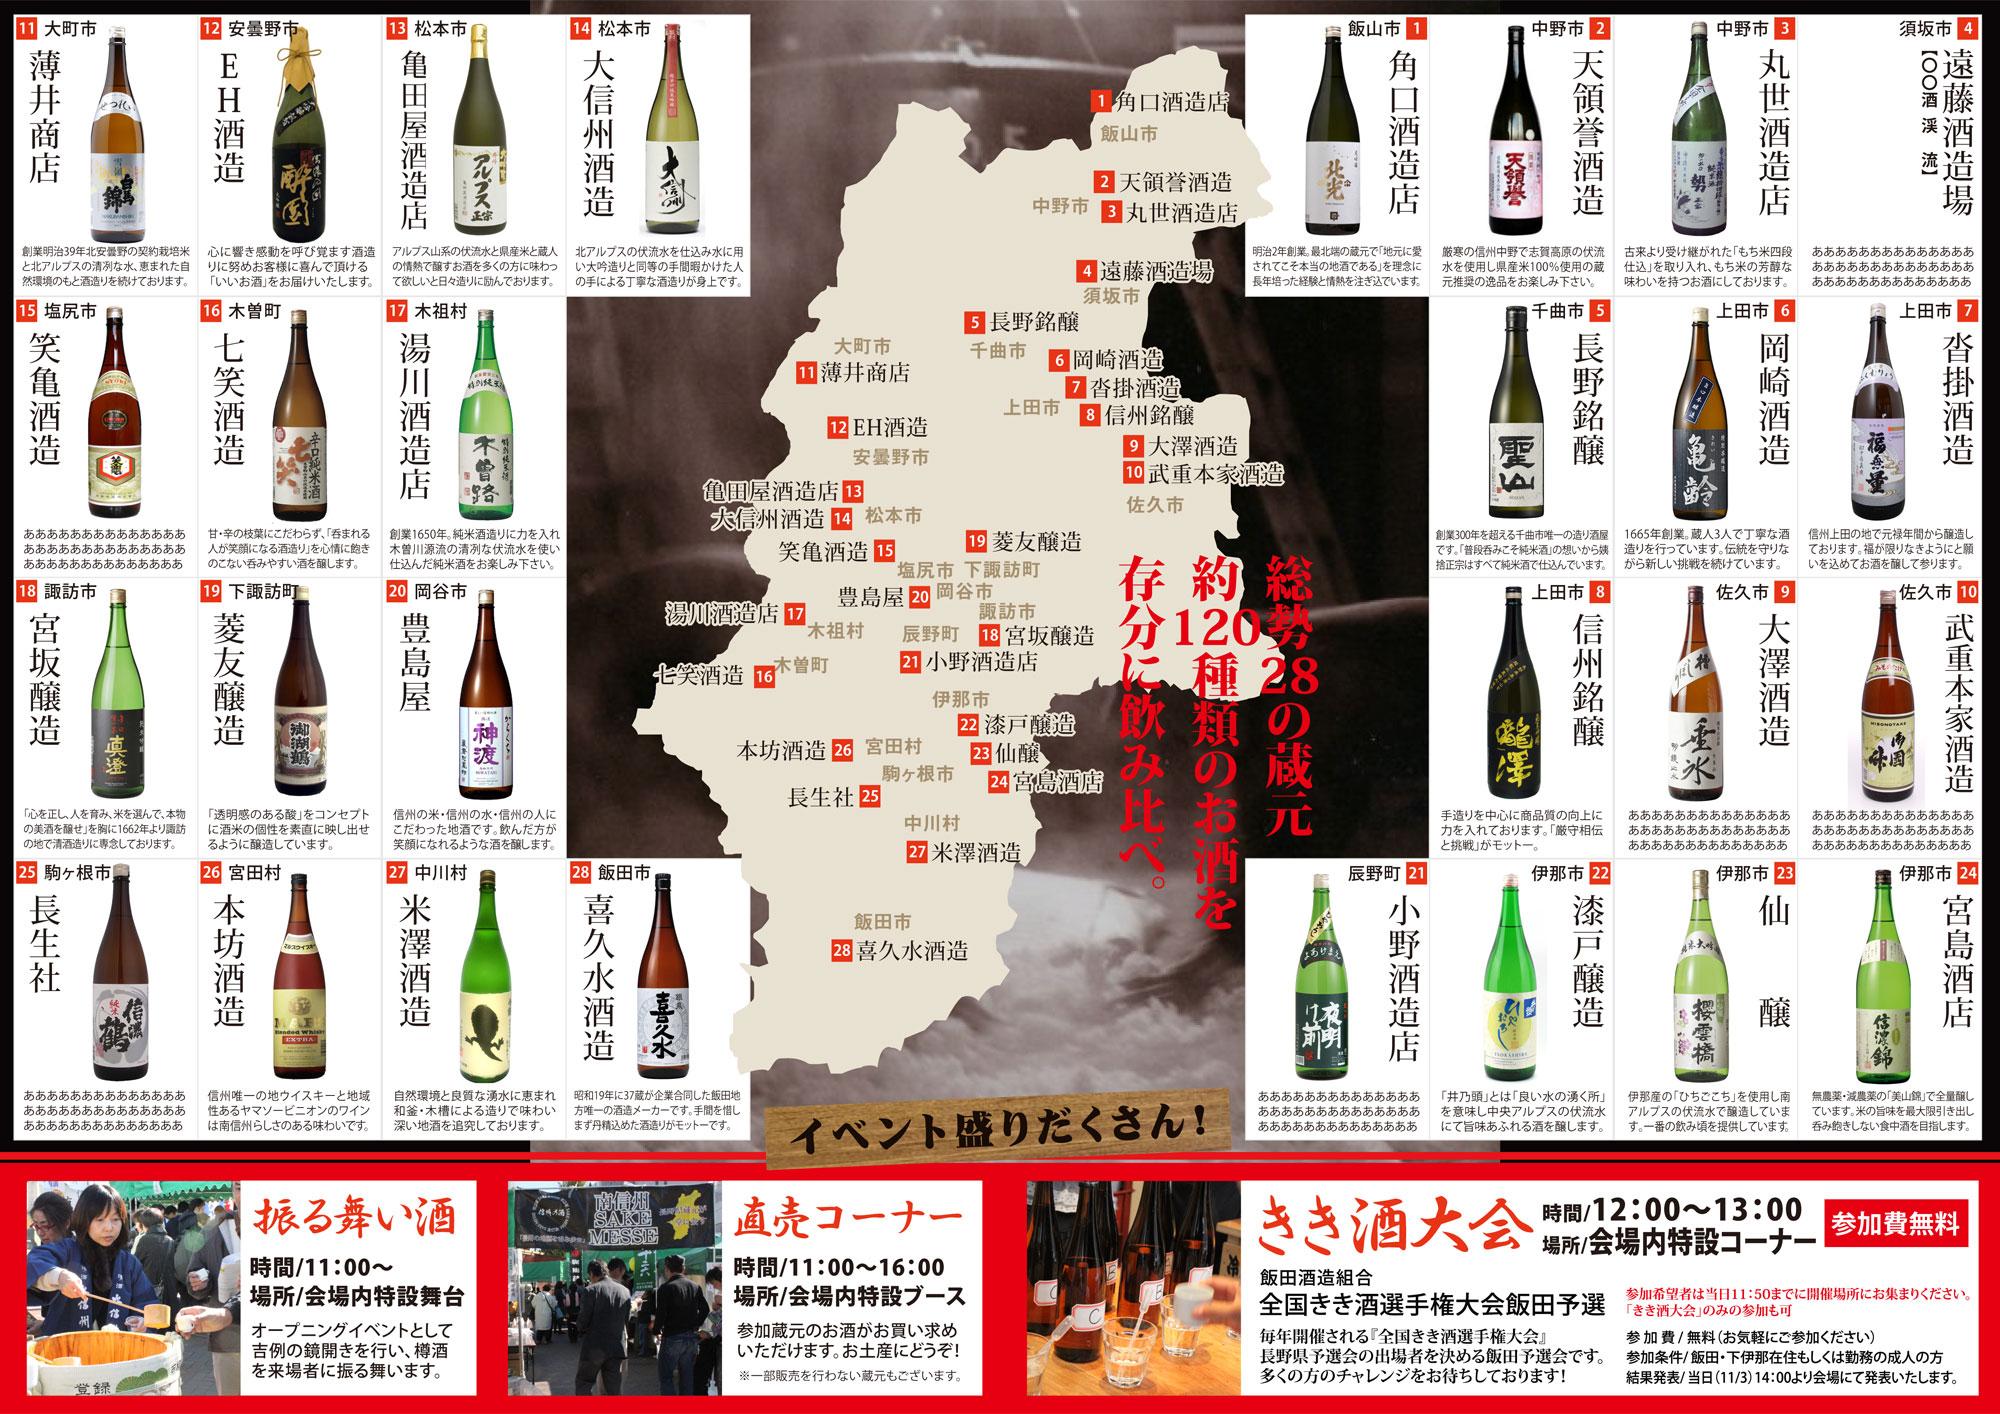 パンフレット制作 南信州酒メッセ様 2013